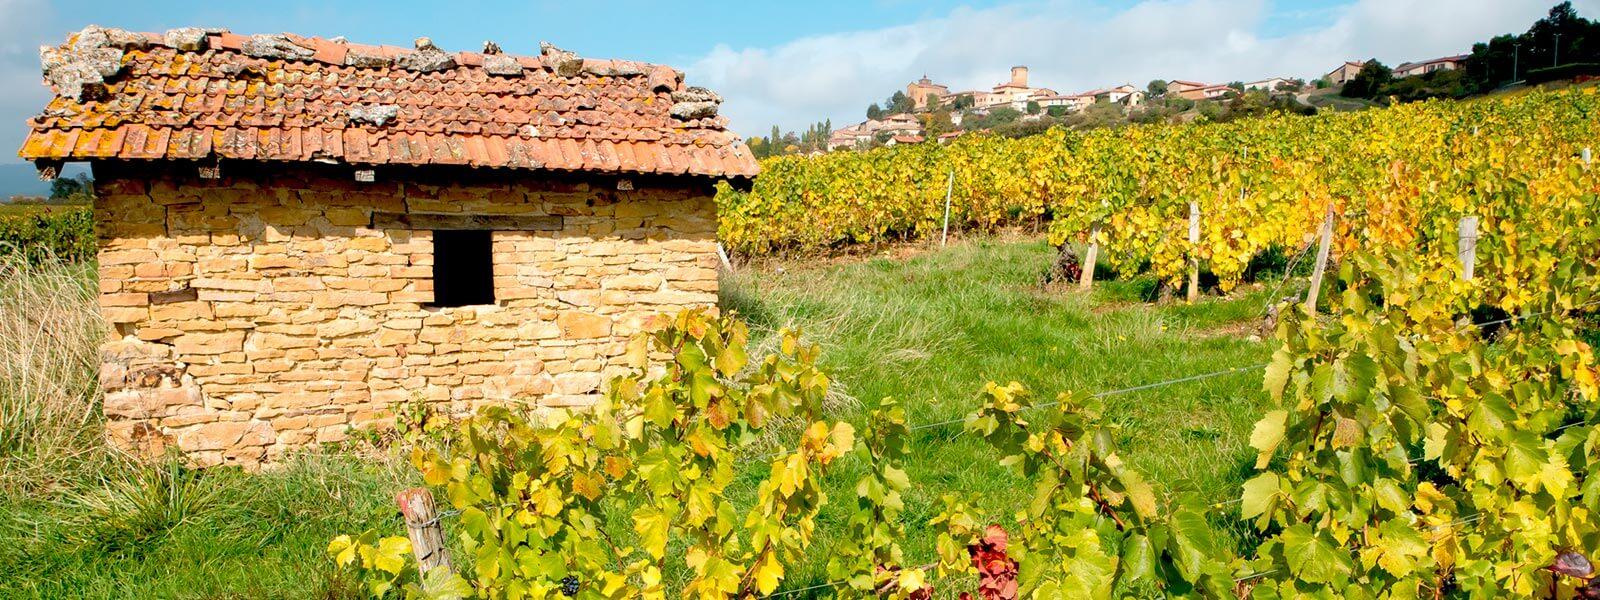 Kanpai Tourisme - Beaujolais Nouveau Wine Tour - Afternoon